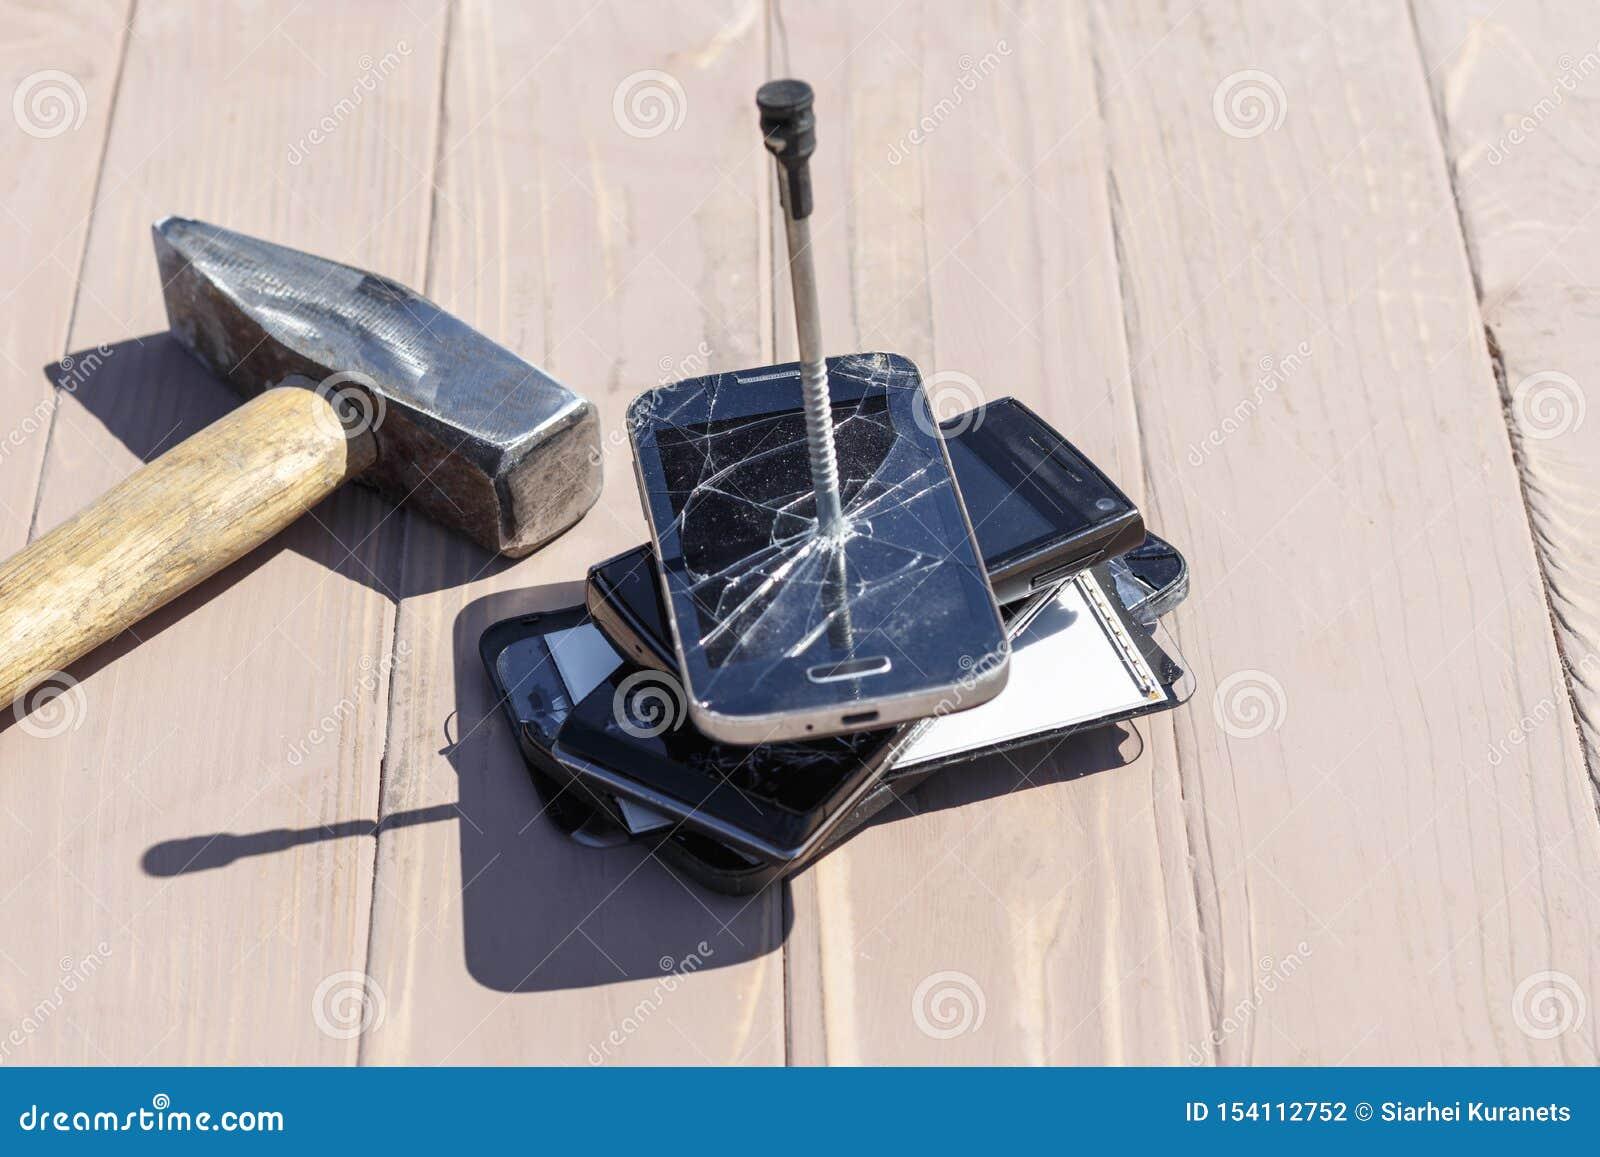 Daglicht hamer op de telefoons wordt geraakt die in één van hen is er een metaalspijker